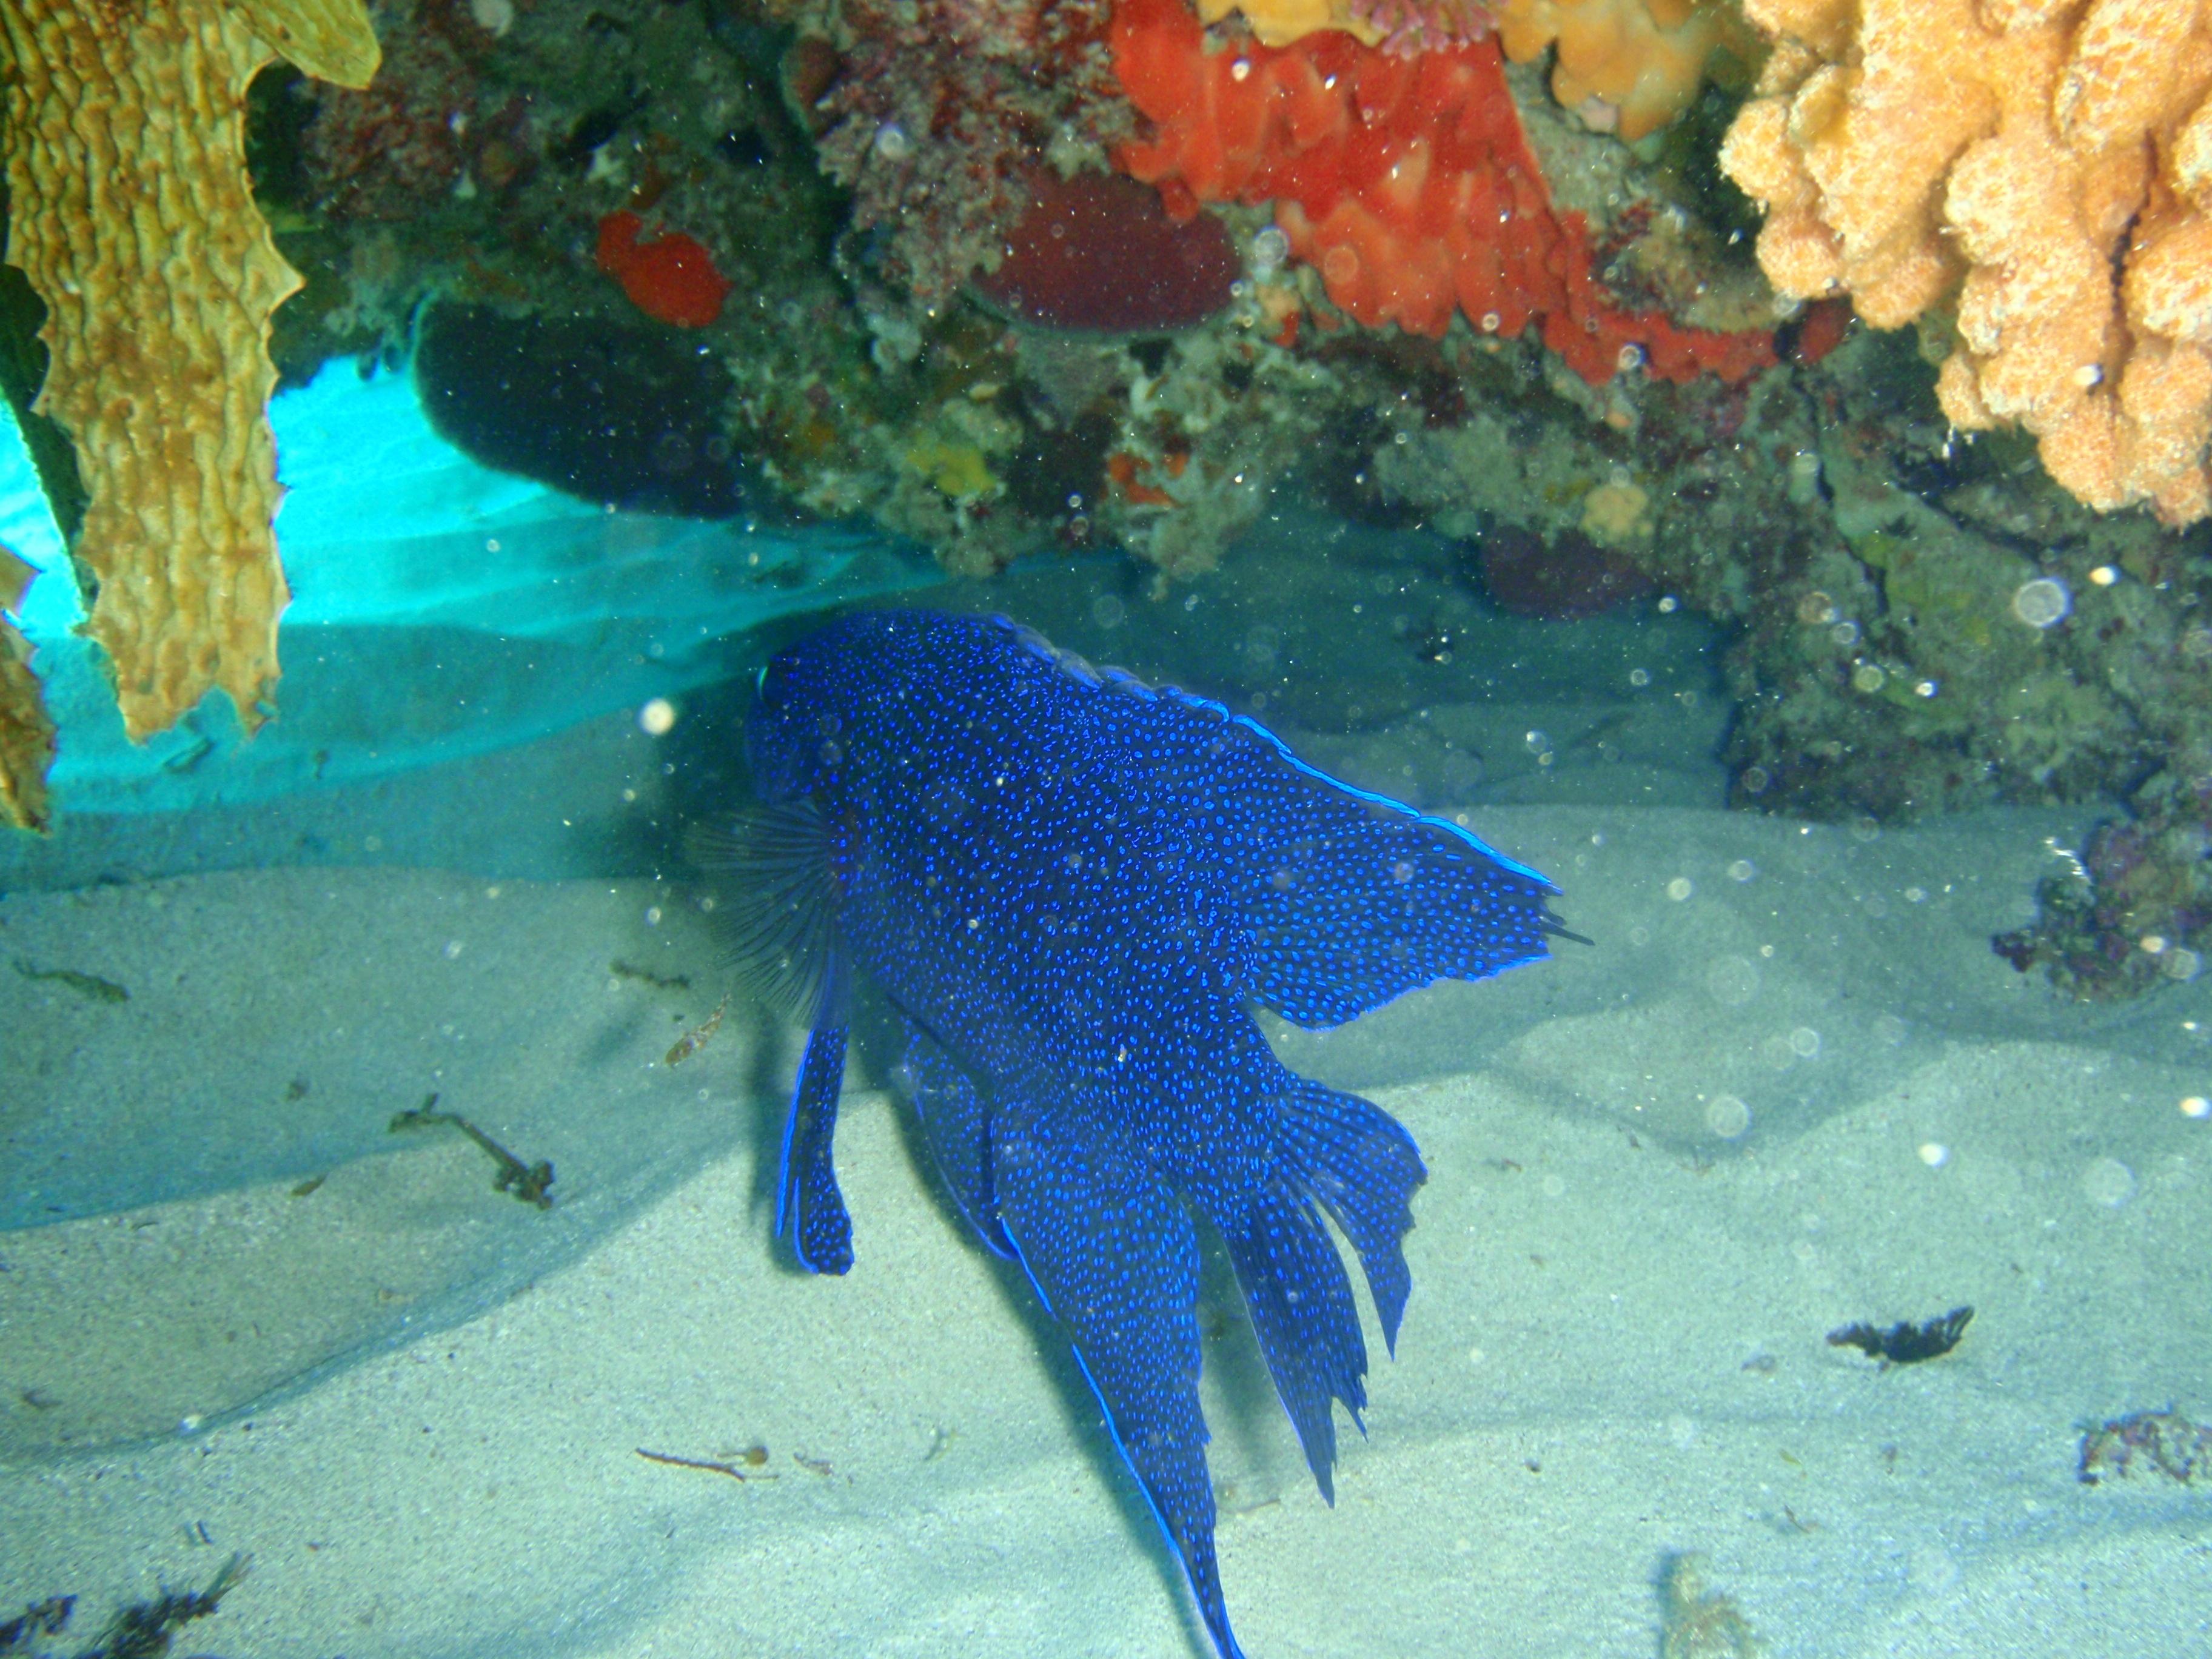 Image of Blue devil